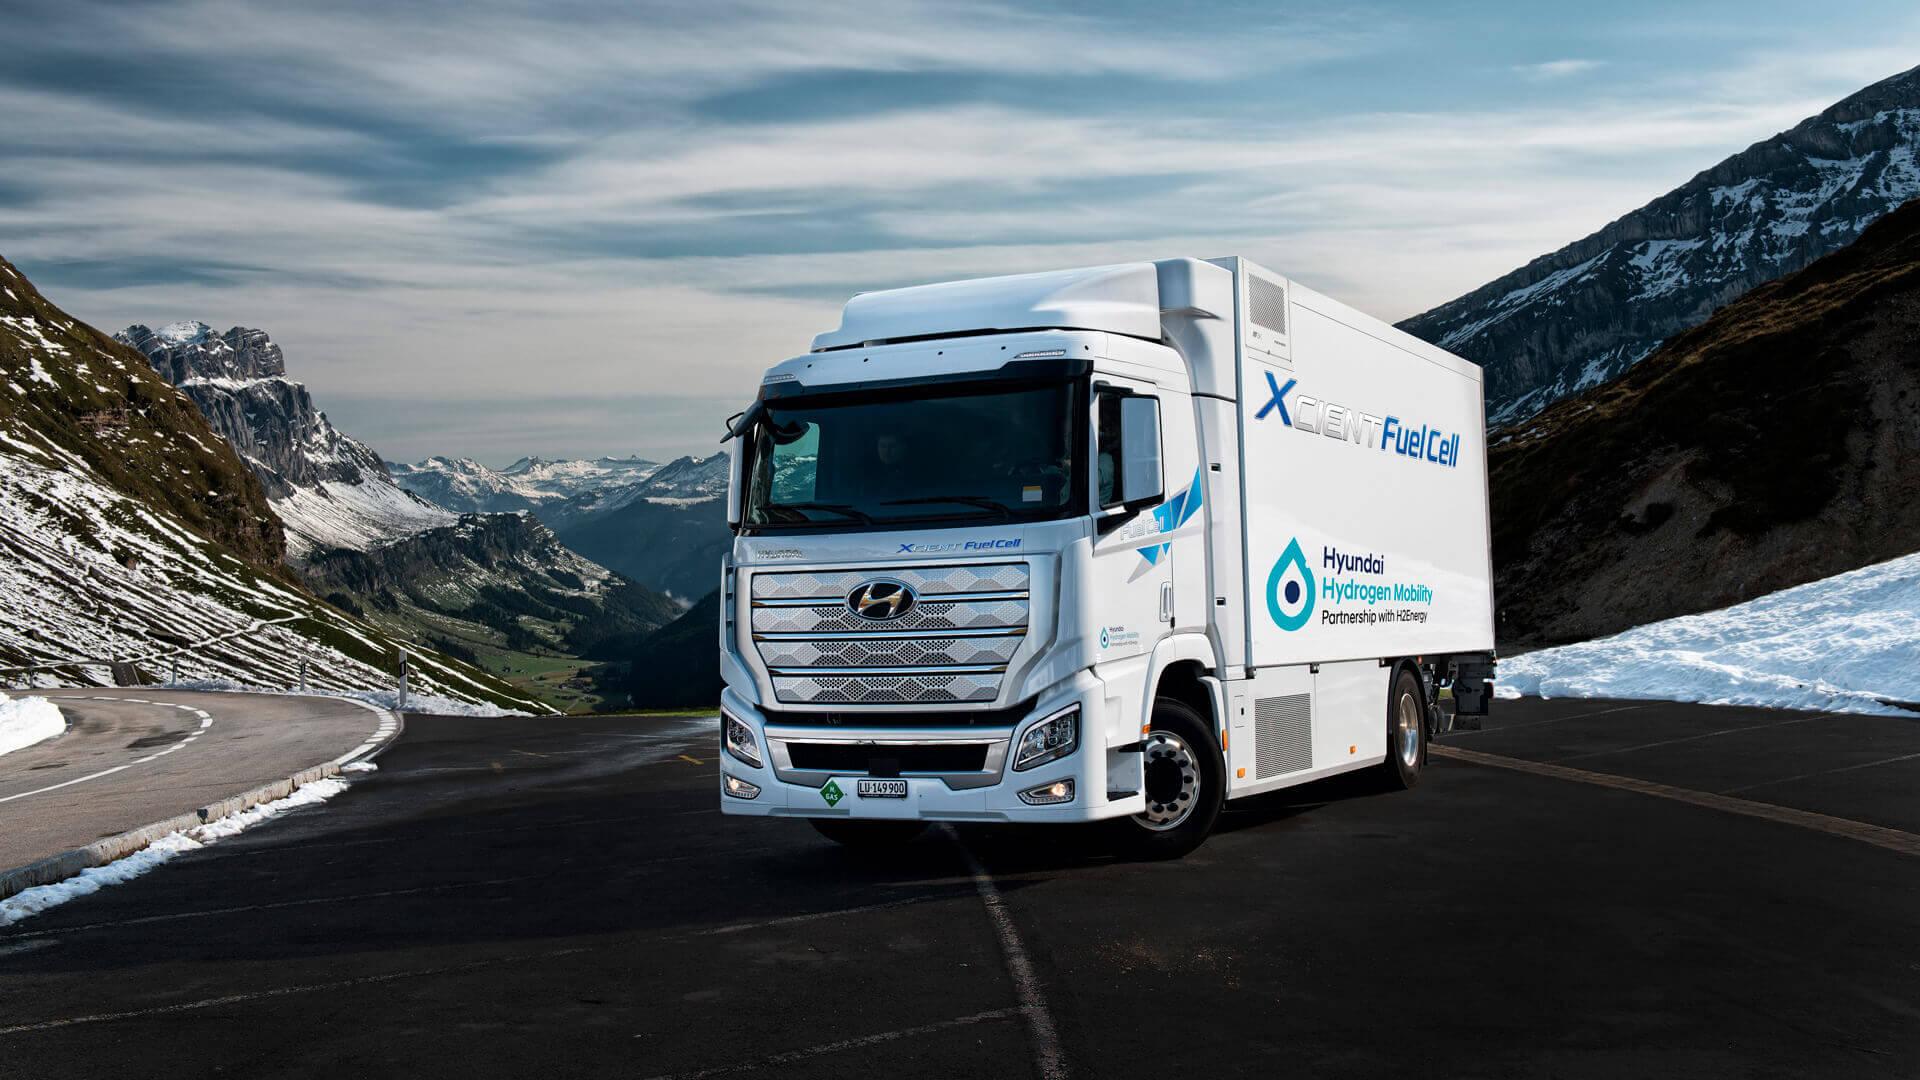 Hyundai XCIENT Fuel Cell является первым в мире серийным большегрузным грузовым автомобилем с топливными элементам